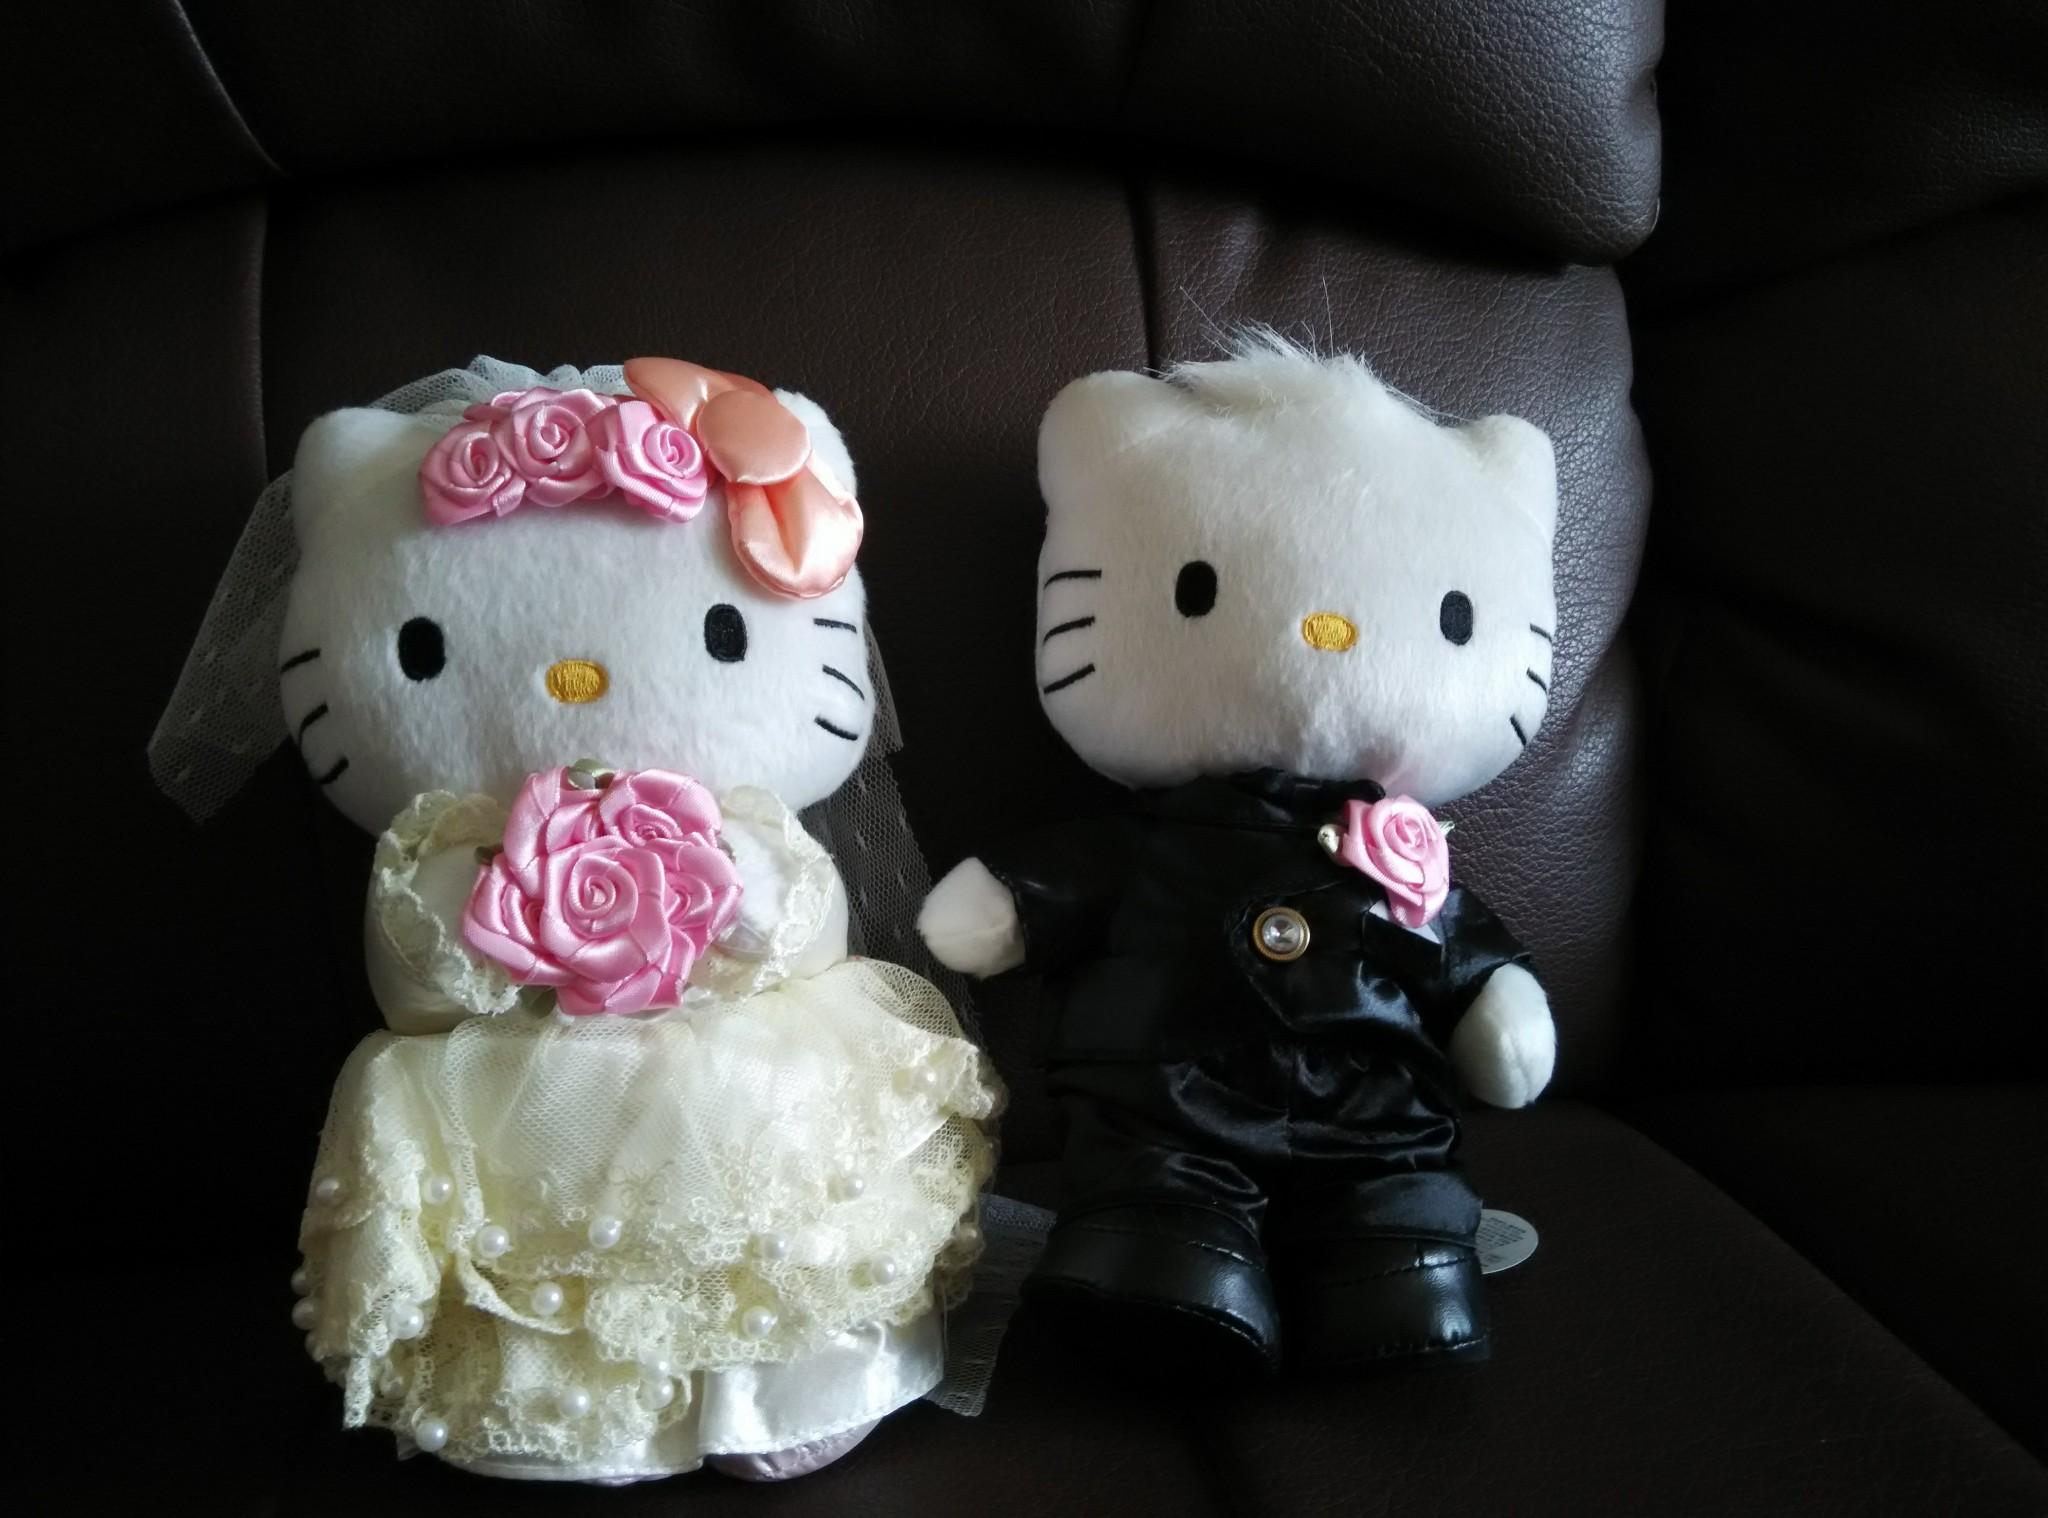 Jual Boneka Hello Kitty Couple Wedding Little Tiffa Tokopedia 1